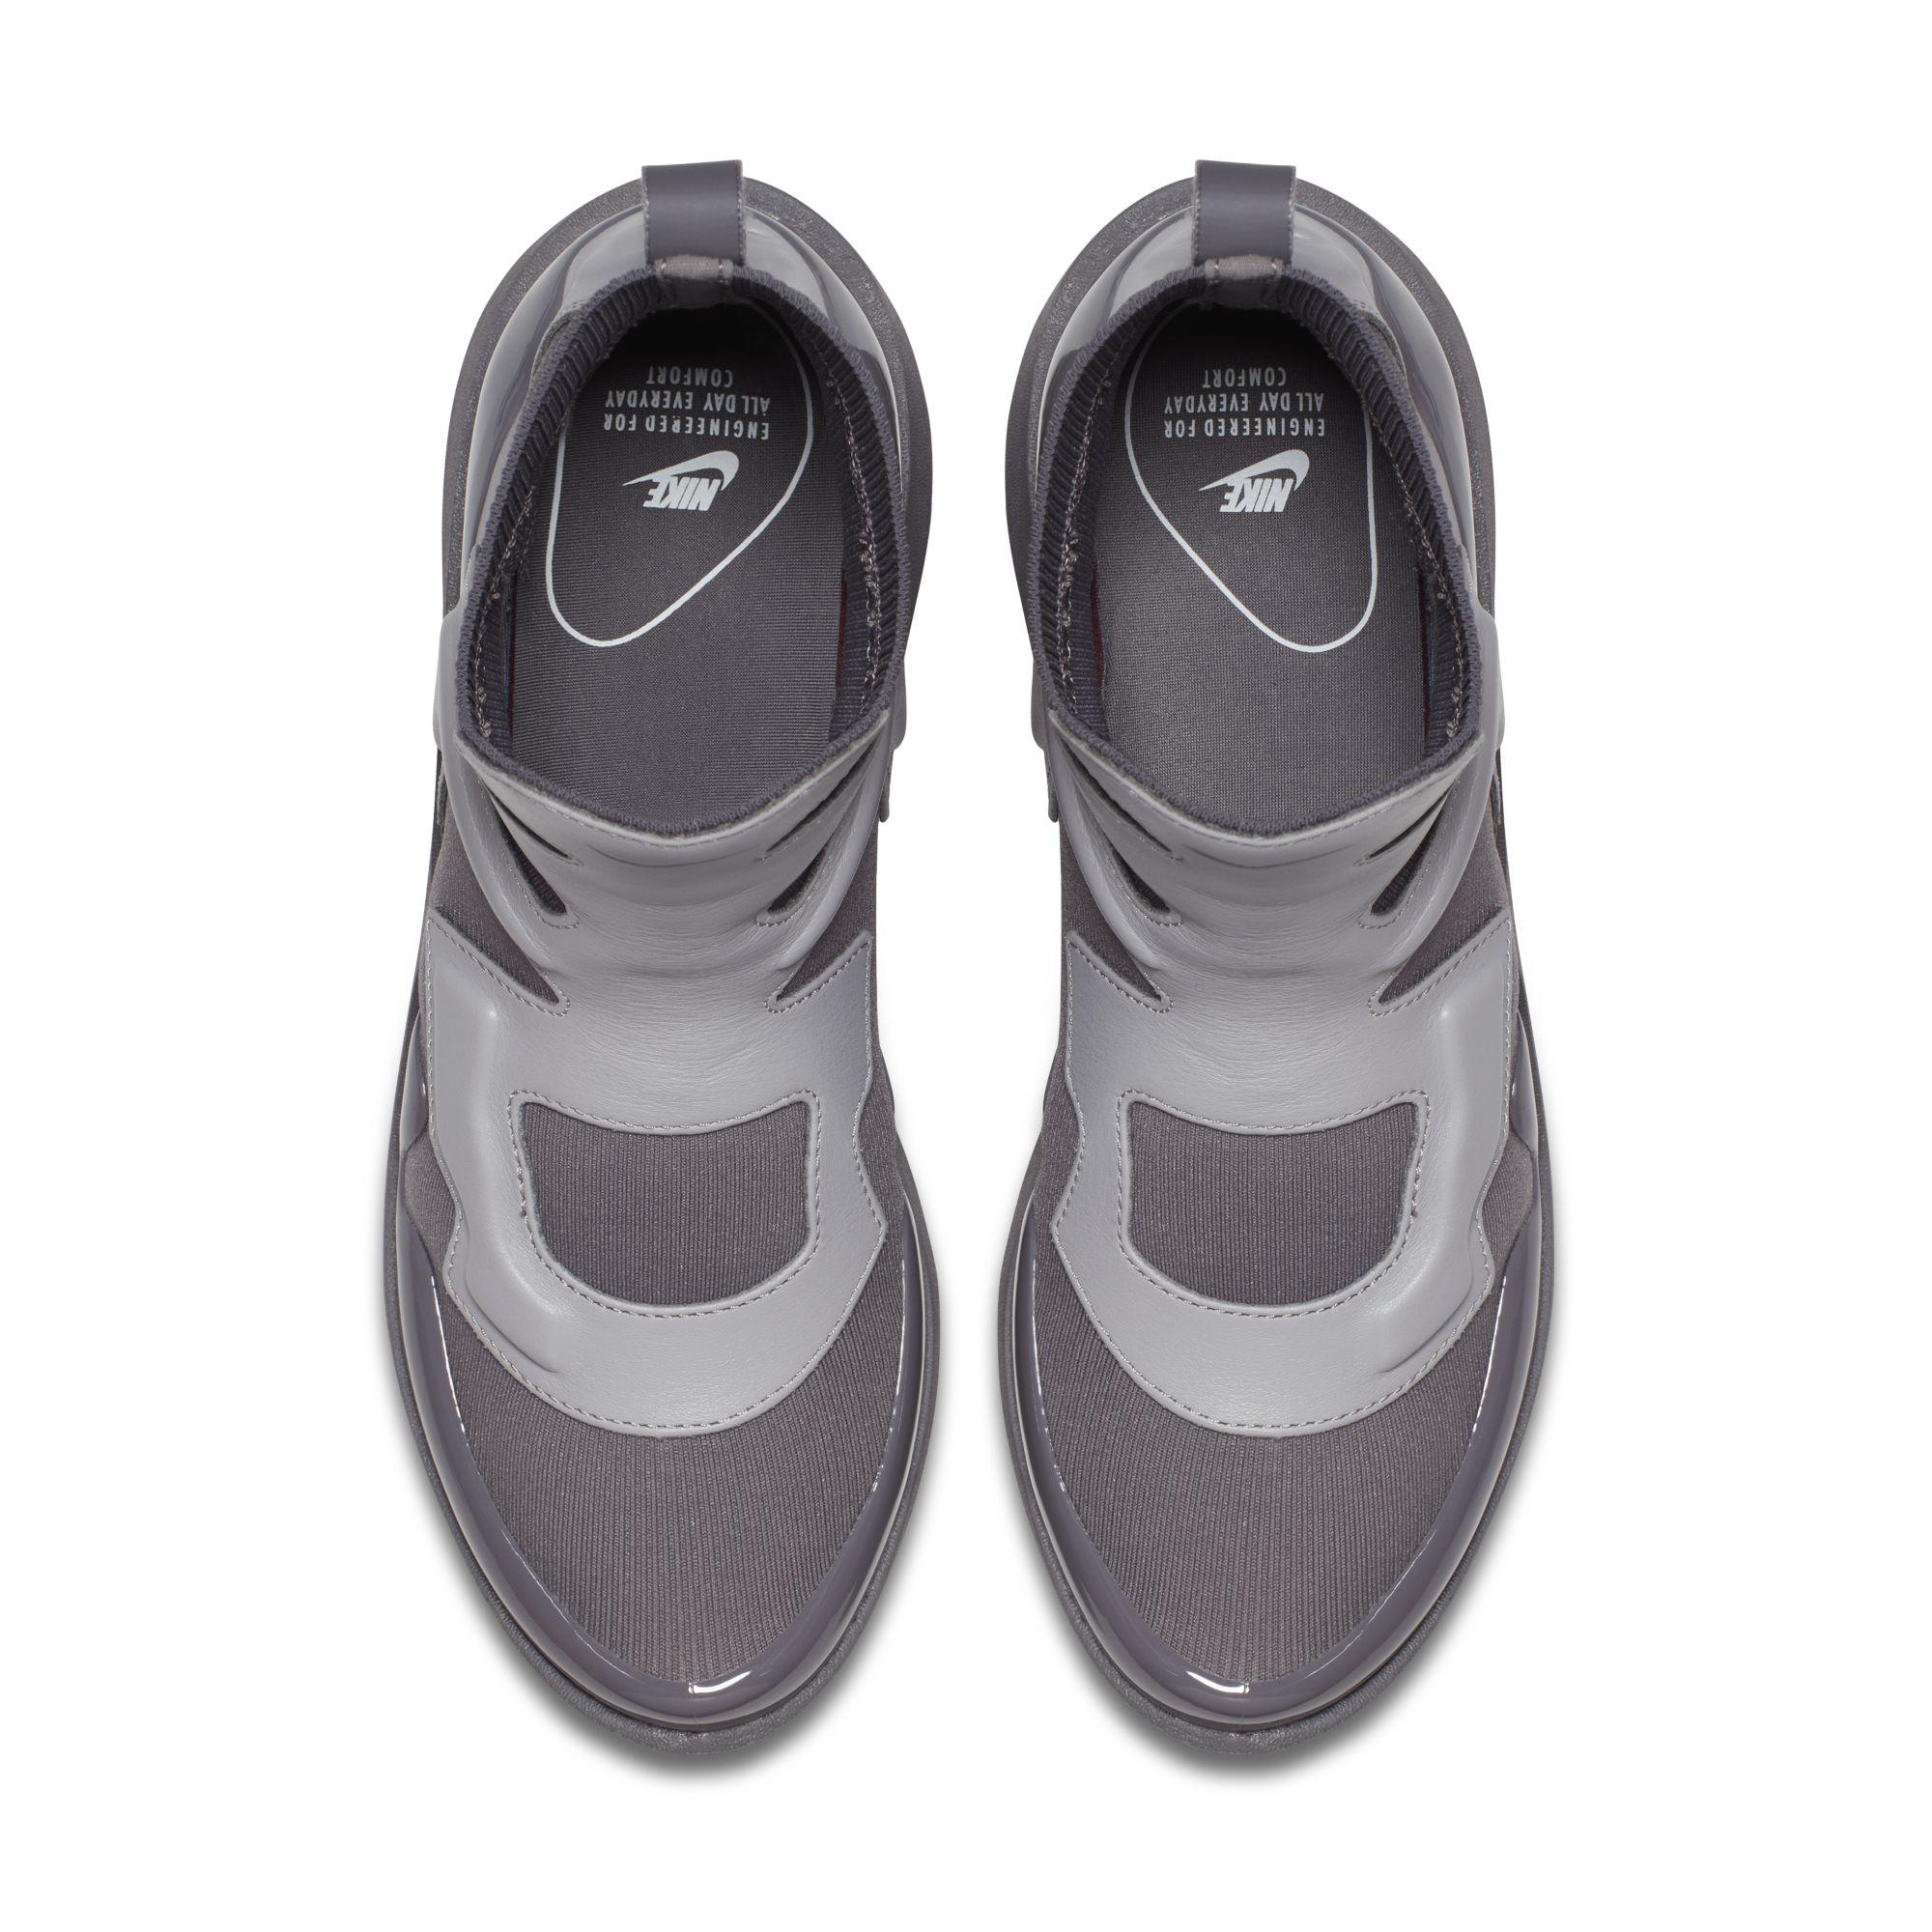 fe2933d0d17 nike air vapormax light 2 boot - WearTesters